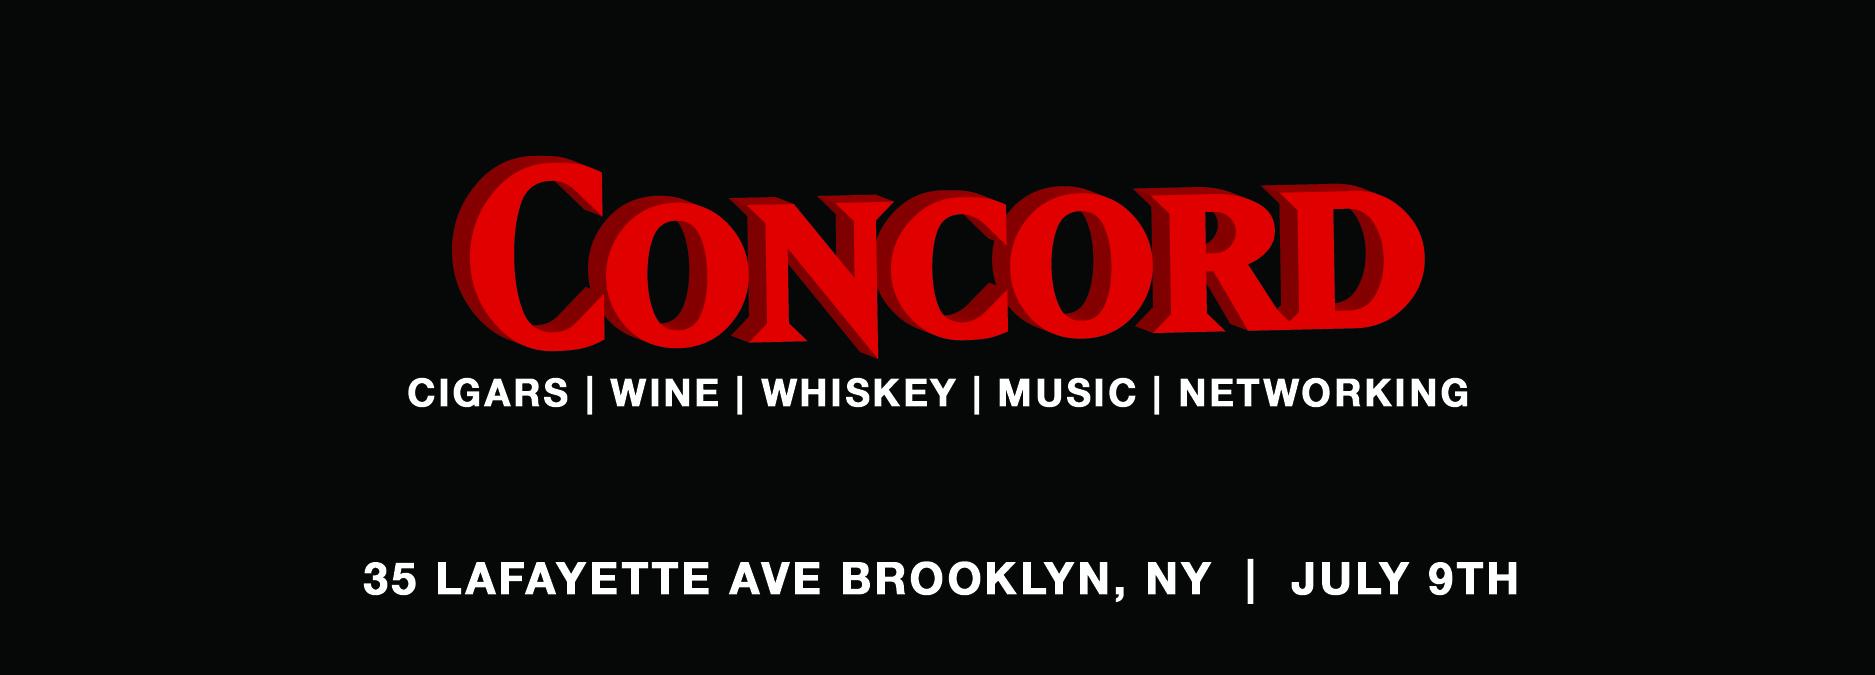 Event Invite: CONCORD